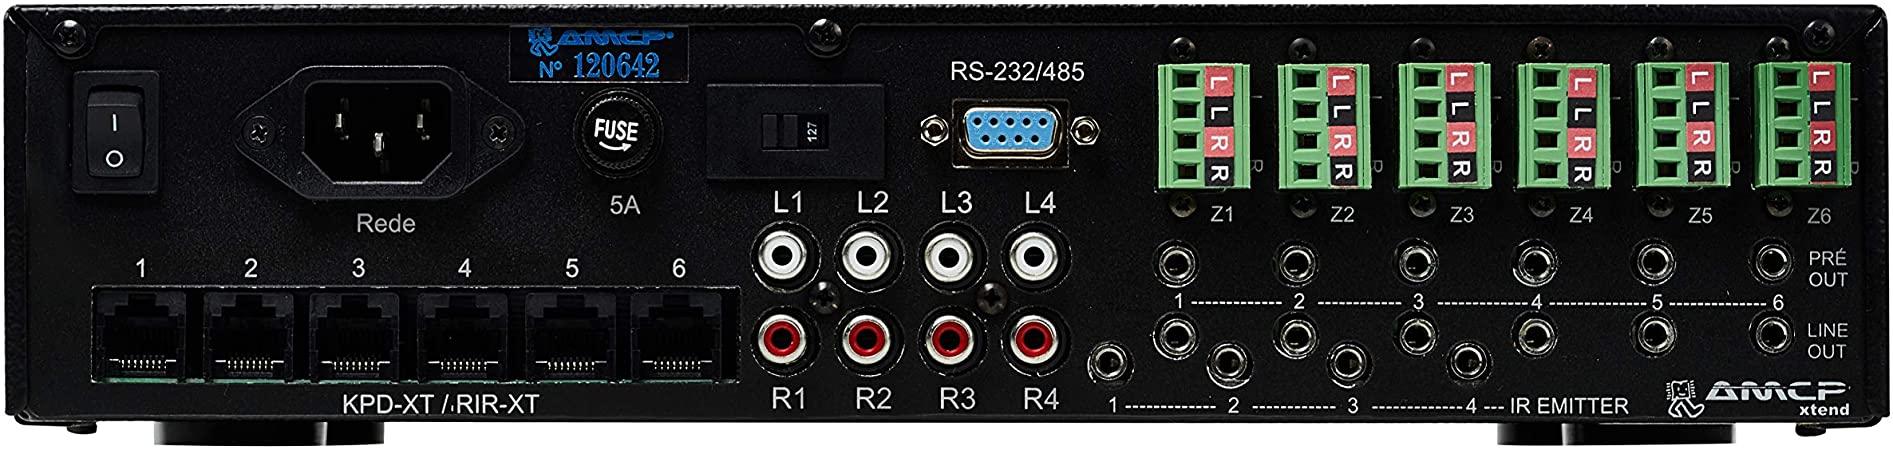 AMCP MR6.50D-XT Amplificador Multiroom de 6 zonas estereo 50W rms  - Audio Video & cia